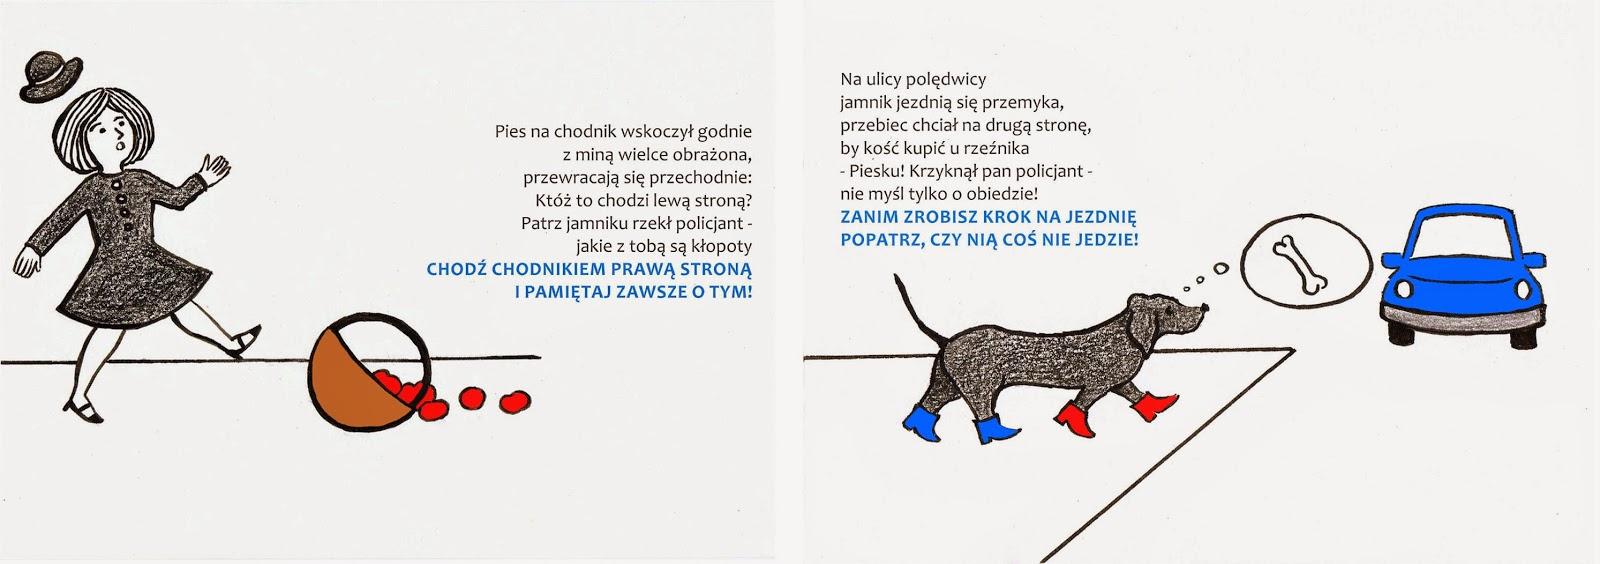 Katarzyna Romanowska Ilustracje Do Wiersza